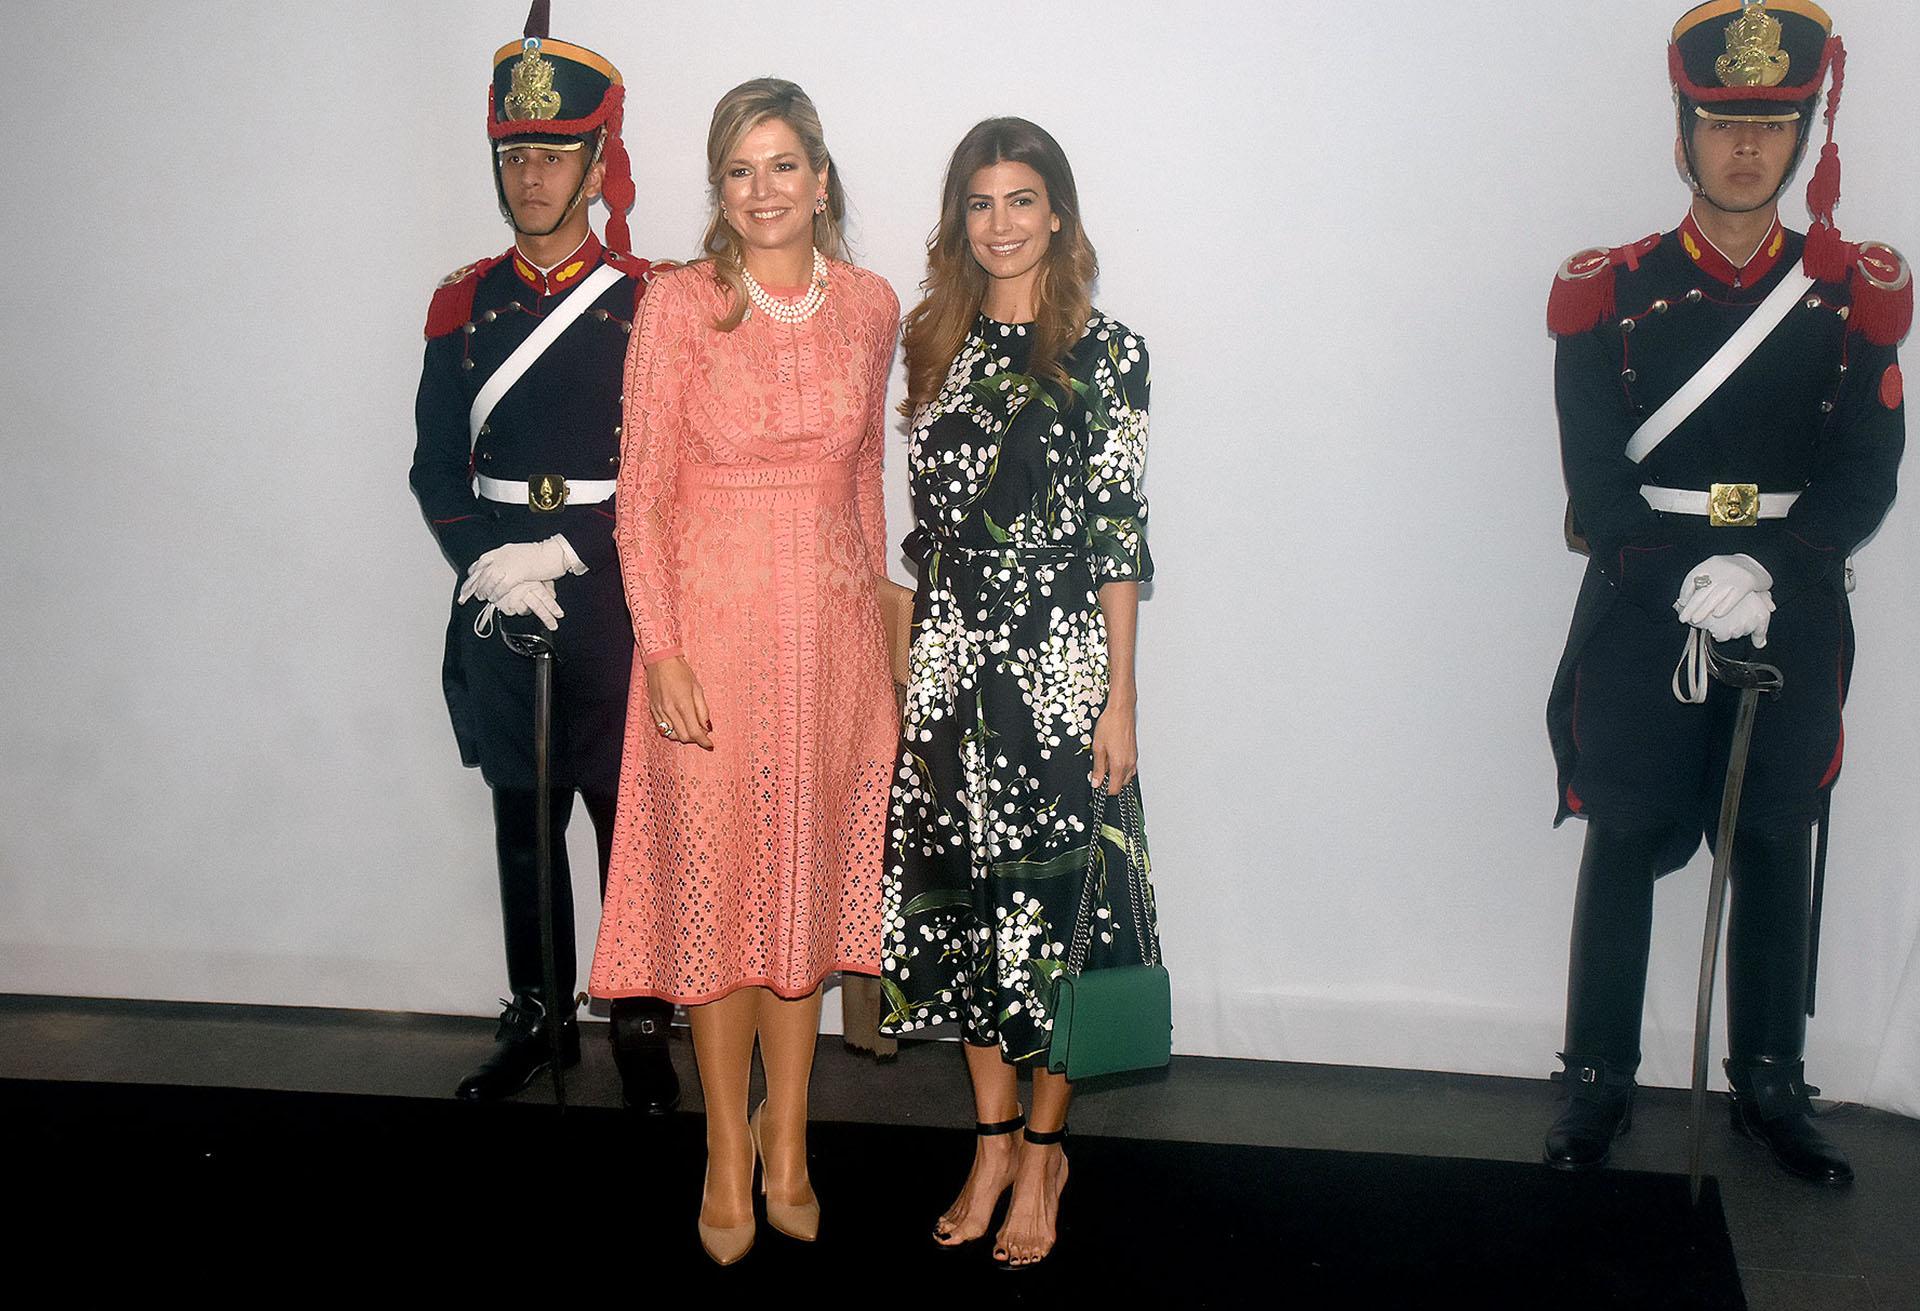 Máxima Zorreguieta con un vestido por debajo de la rodilla con mangas largas en rosa salmón con detalles de calado. Completó su look con stilettos en punta nude y collar de perlas